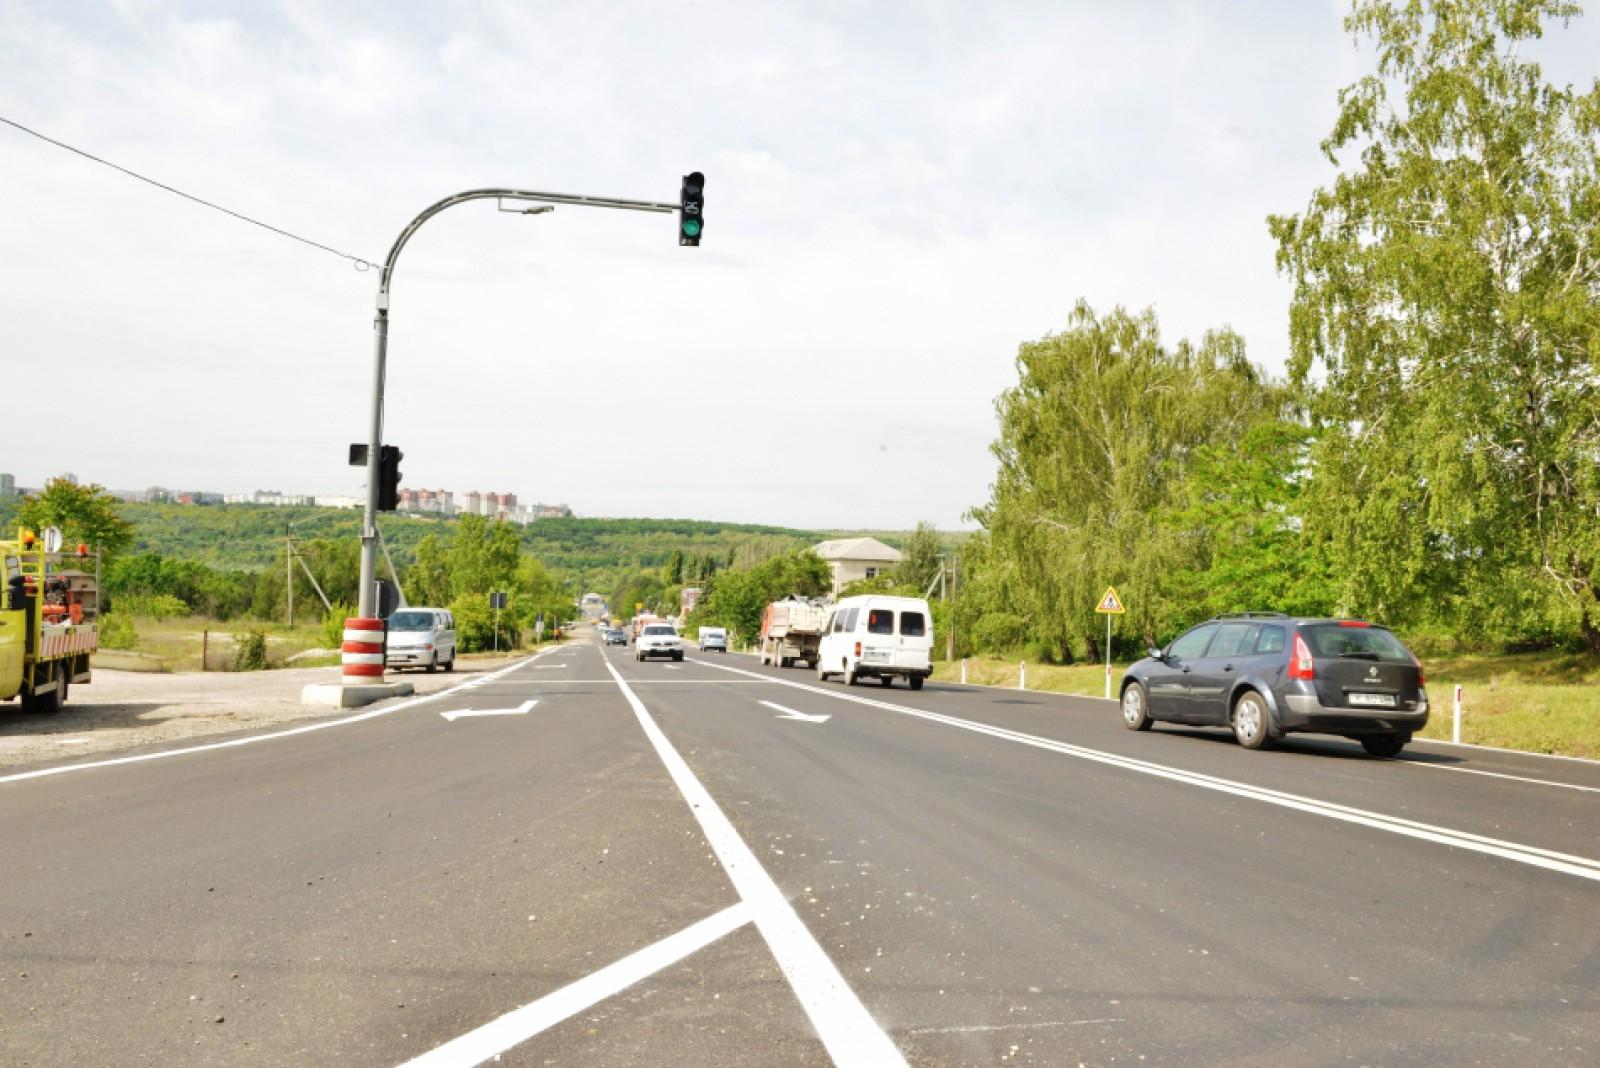 Un nou semafor inteligent, instalat la intersecția străzilor Petricani cu șoseaua Balcani: Va lucra de mâine